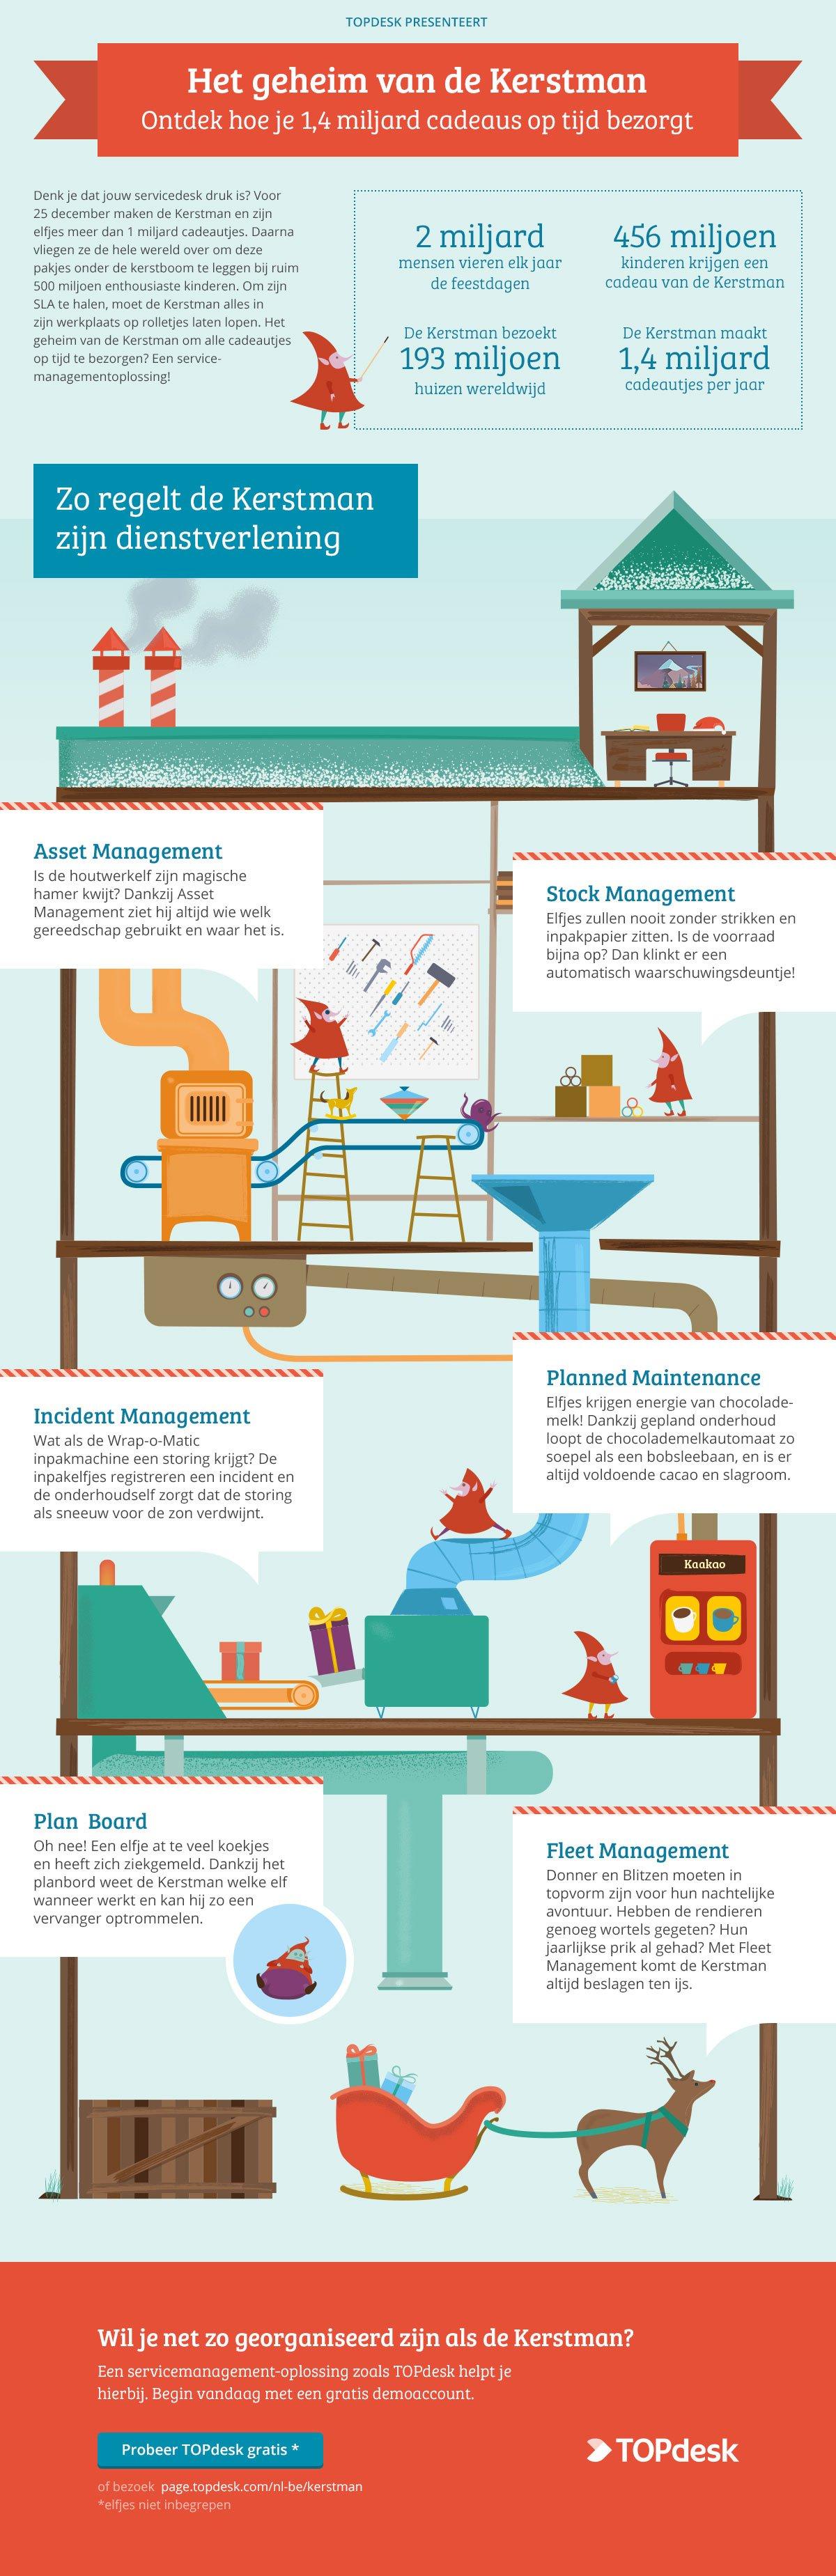 Infographic geheim van de kerstman